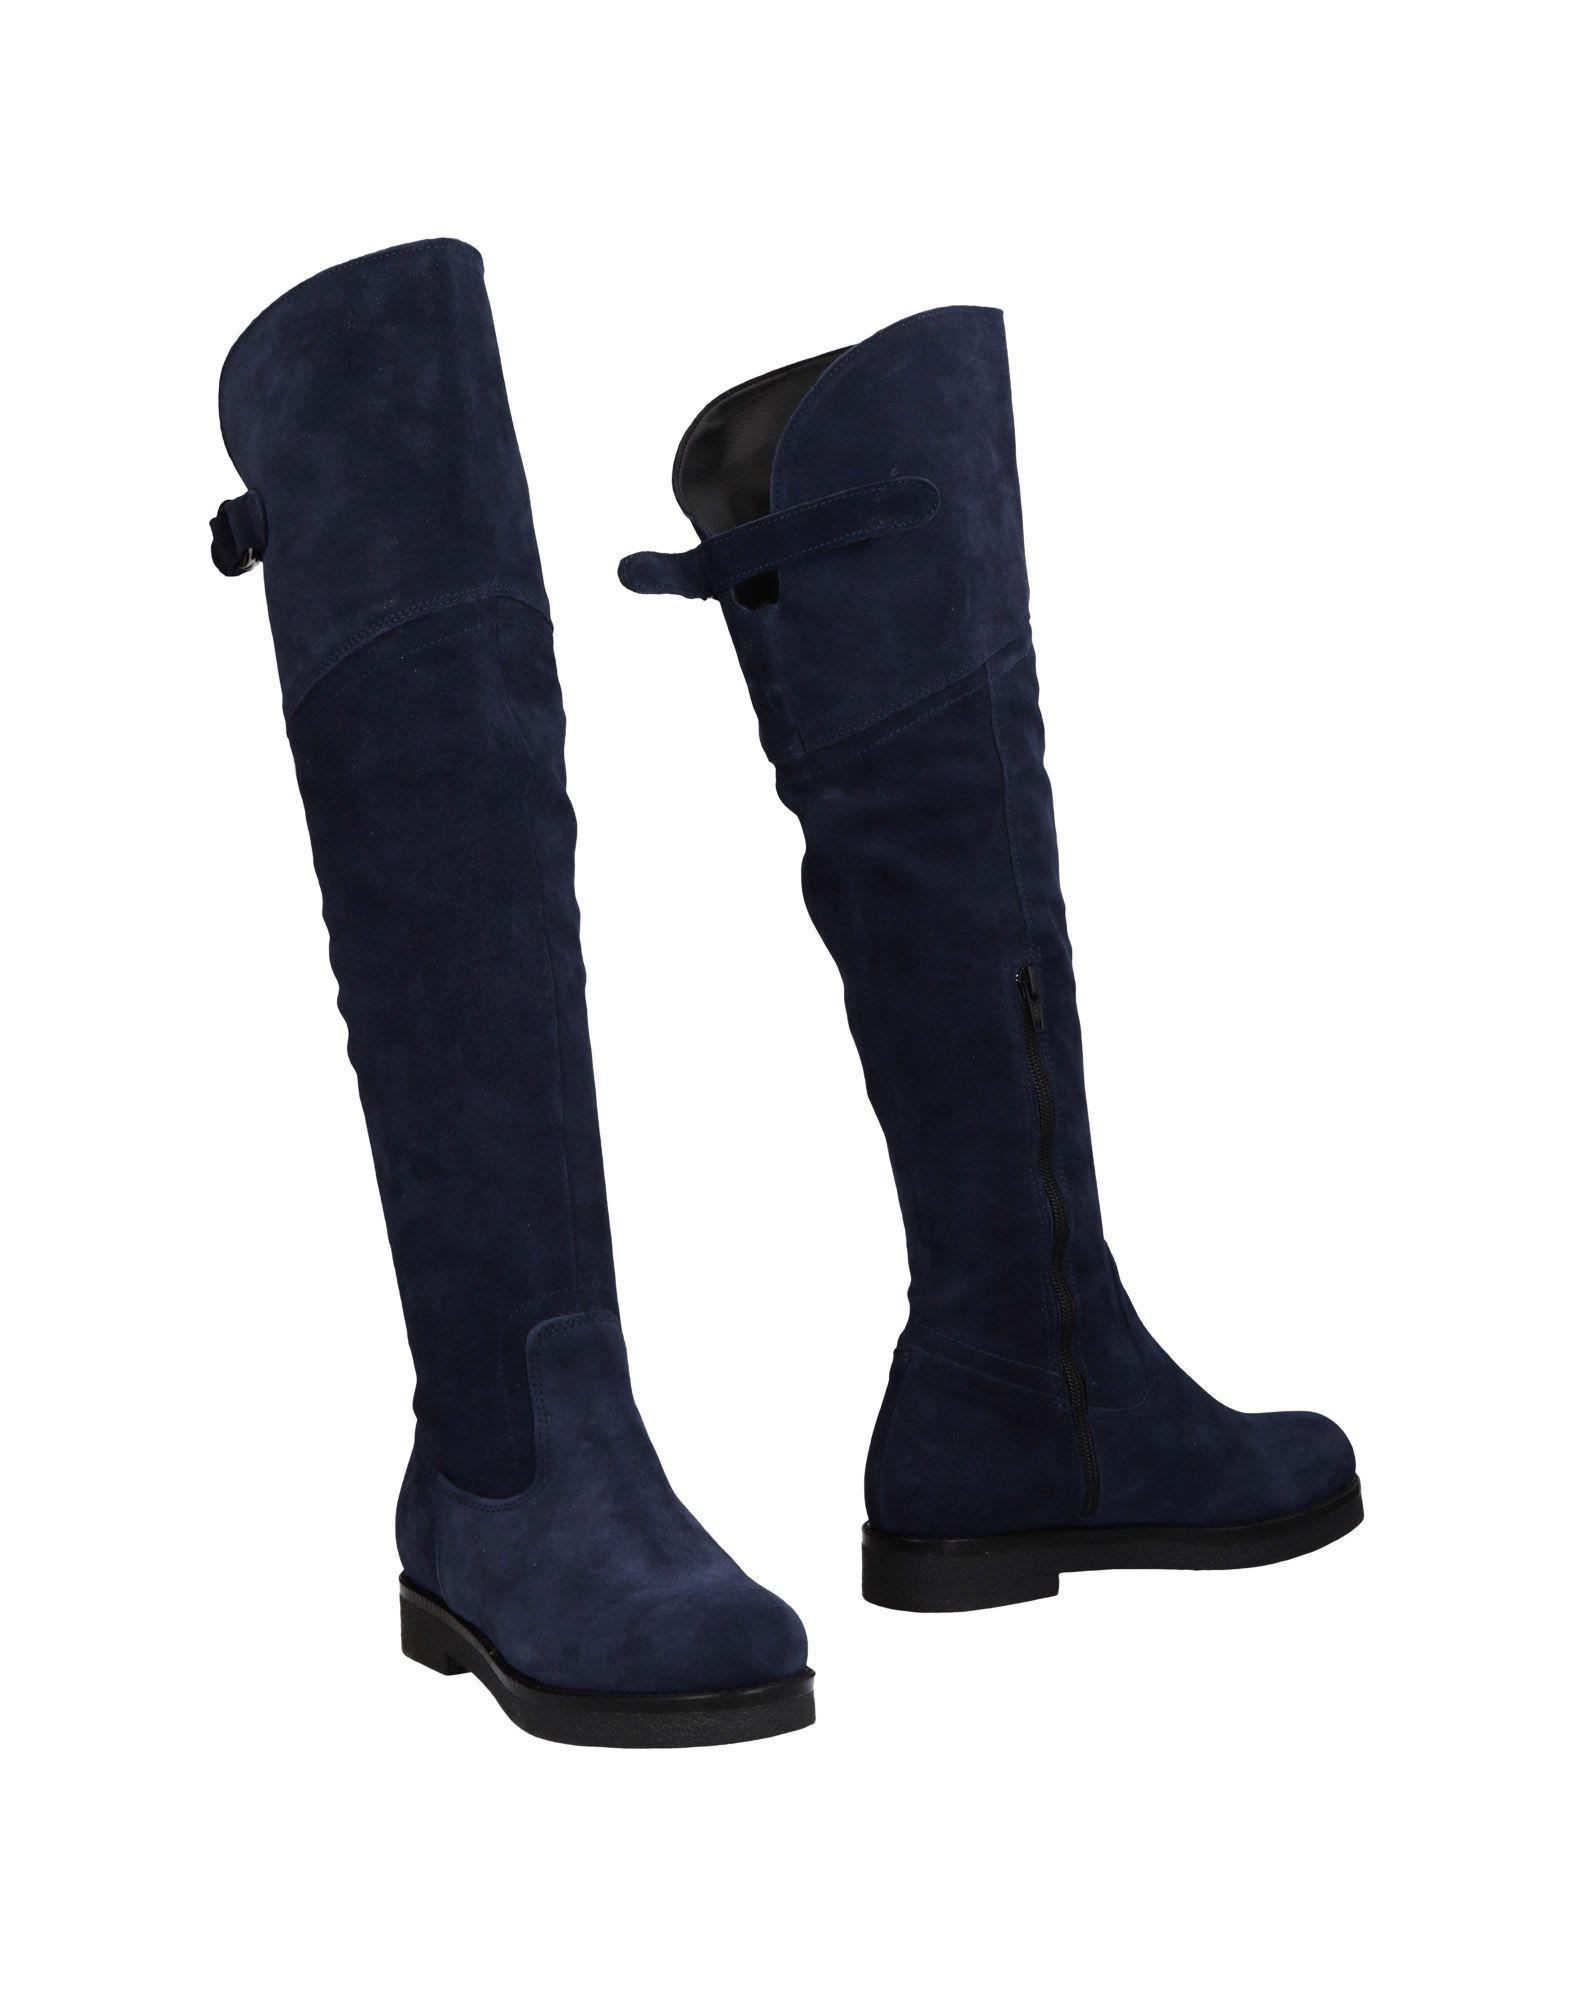 Nila & Nila Stiefel Damen  11474223UT